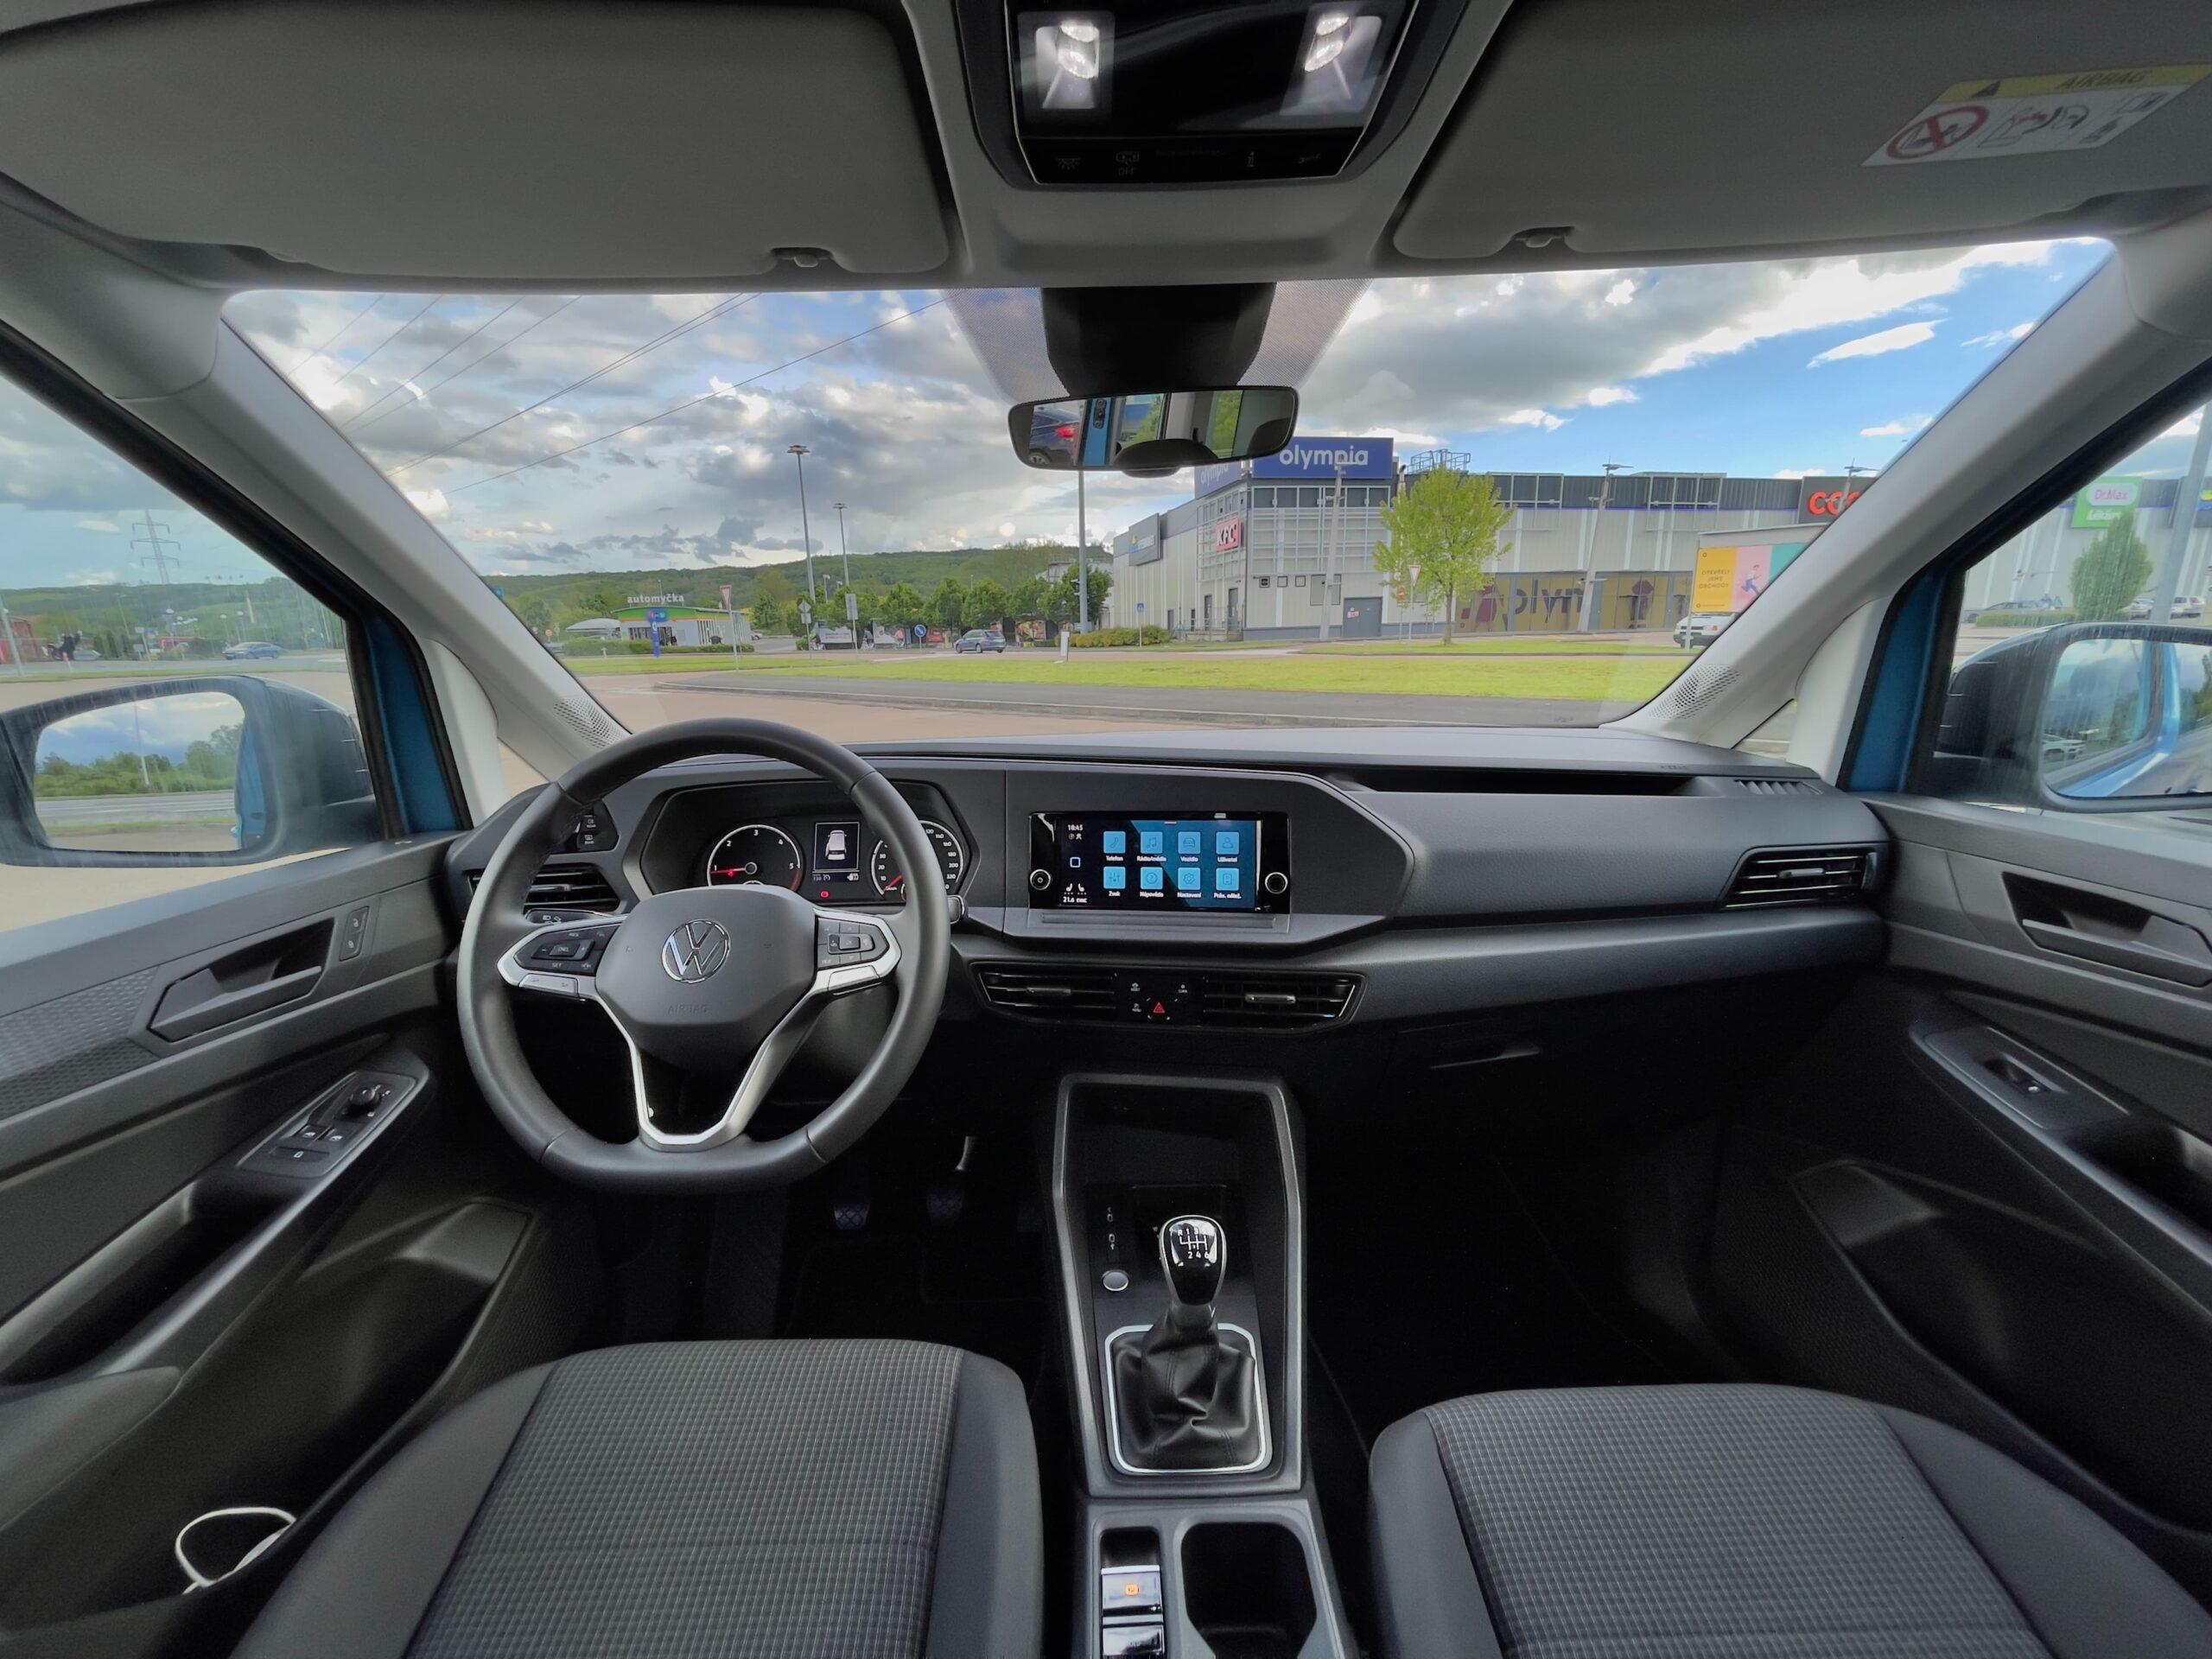 Volkswagen_Caddy_2021_interier